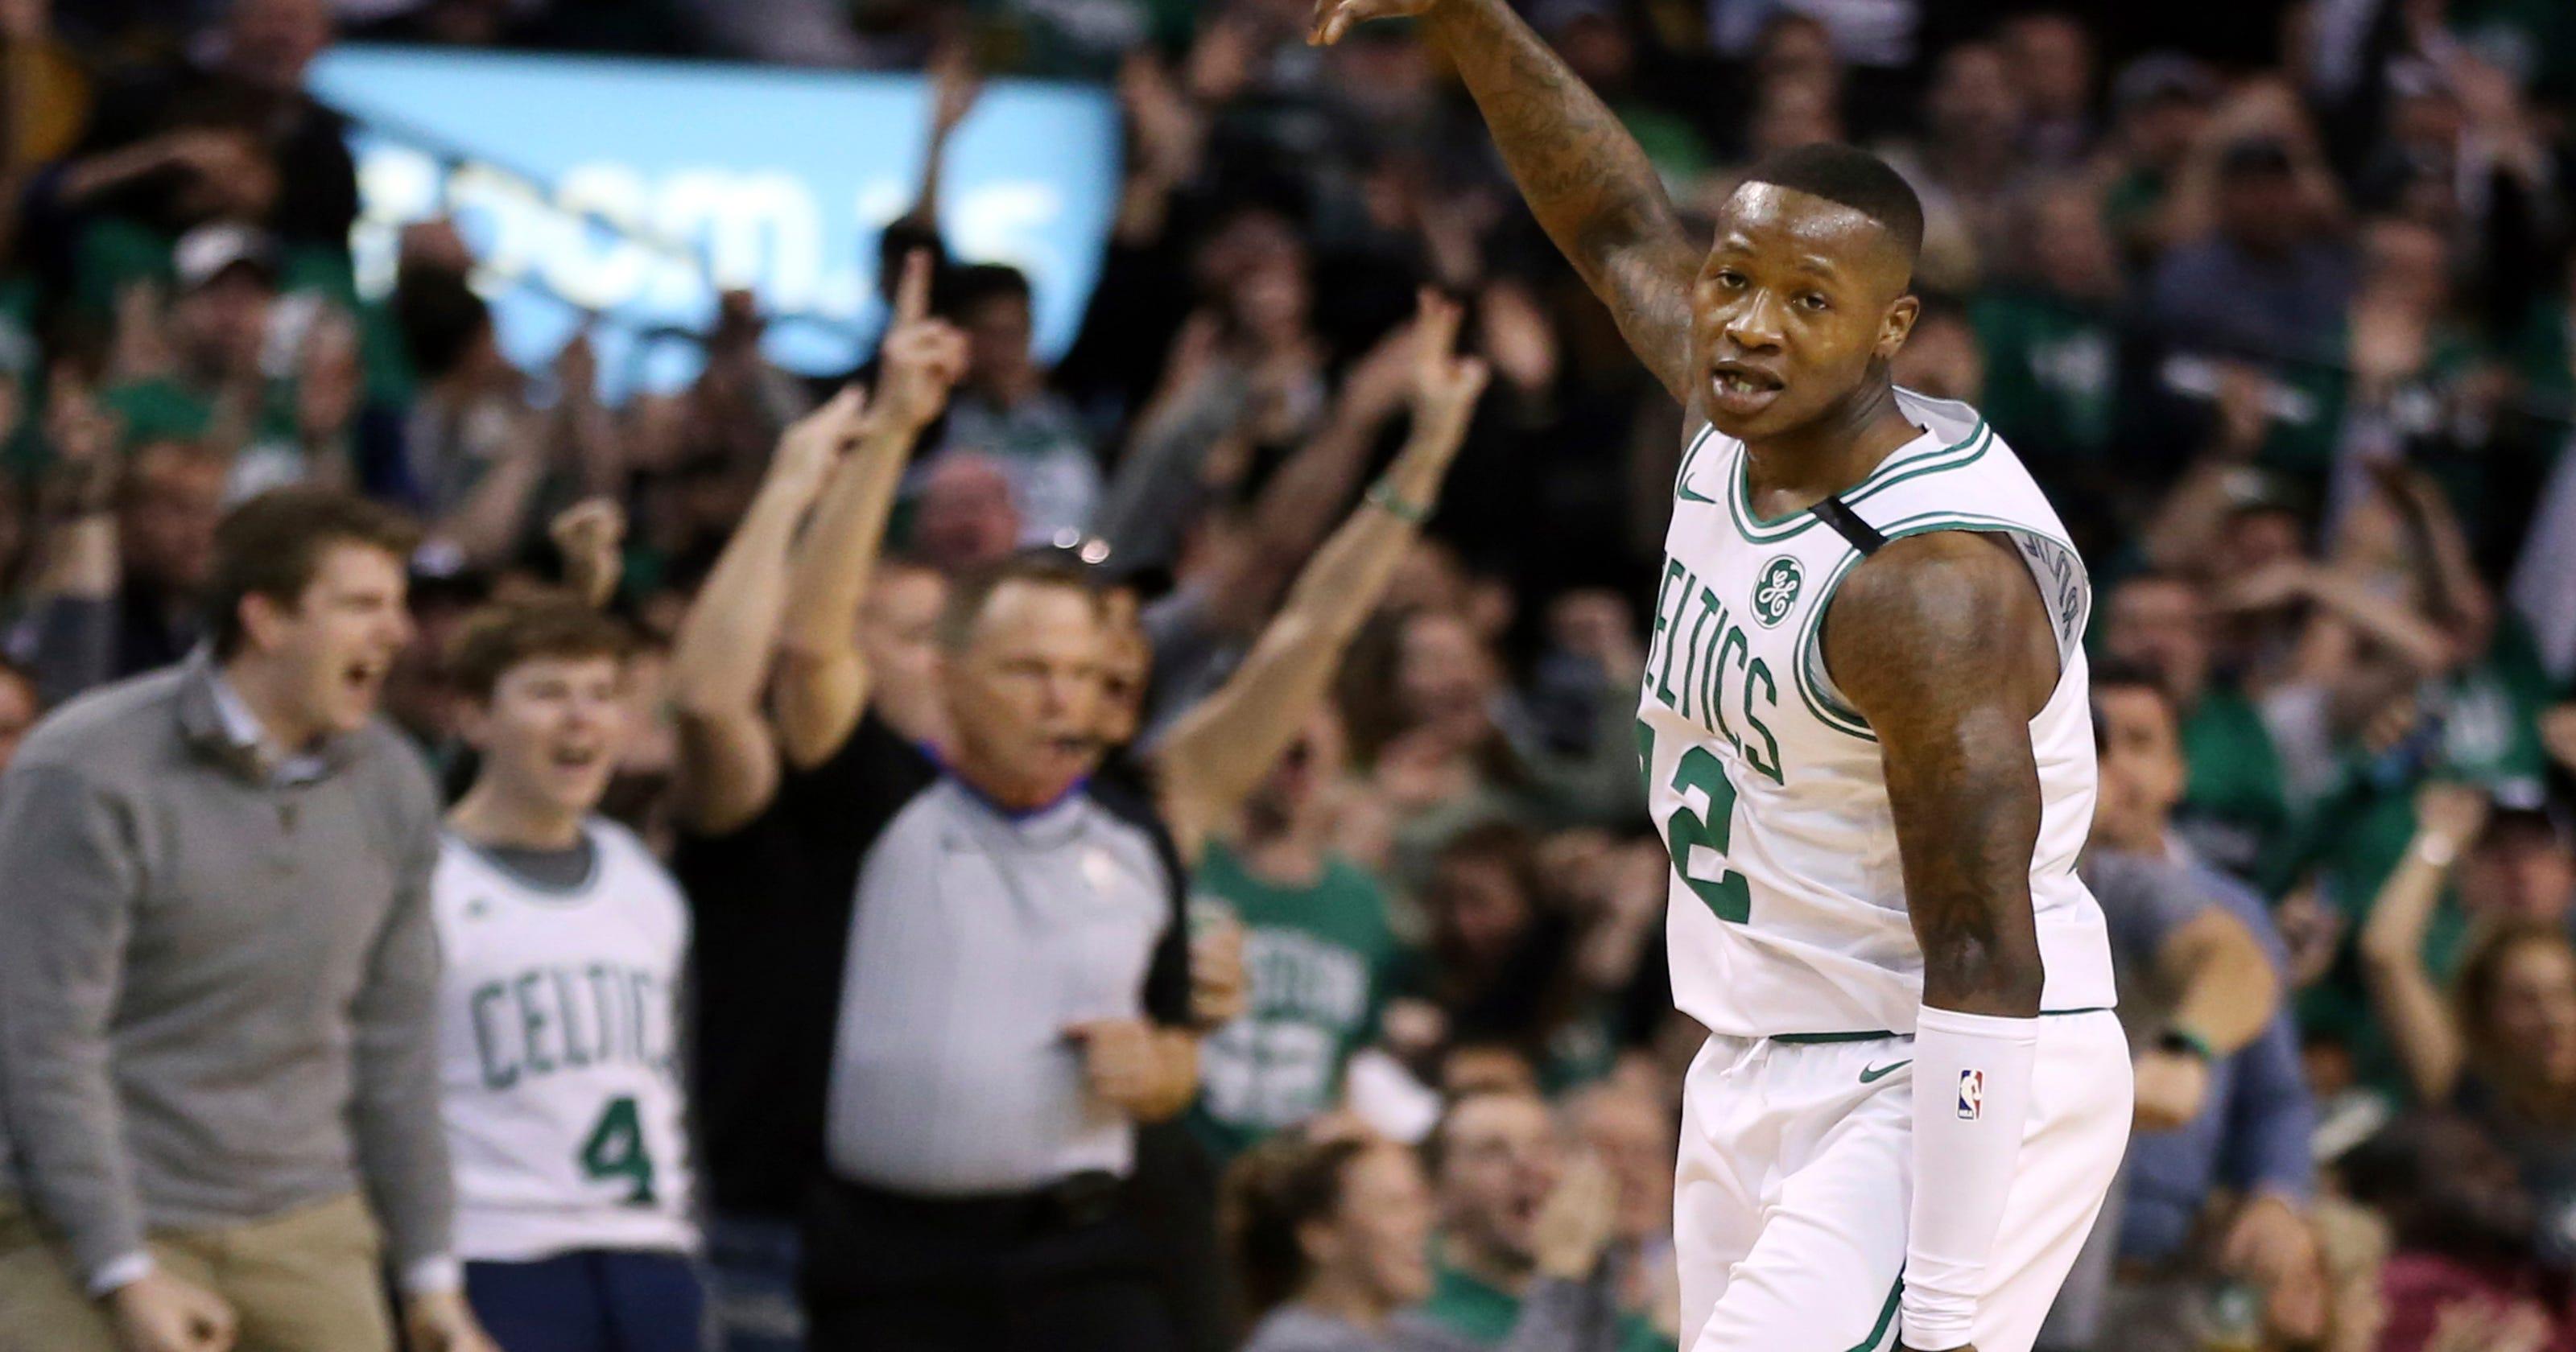 wholesale dealer 83741 0ec65 Celtics' Terry Rozier ribs Bucks' Eric Bledsoe with Patriots ...